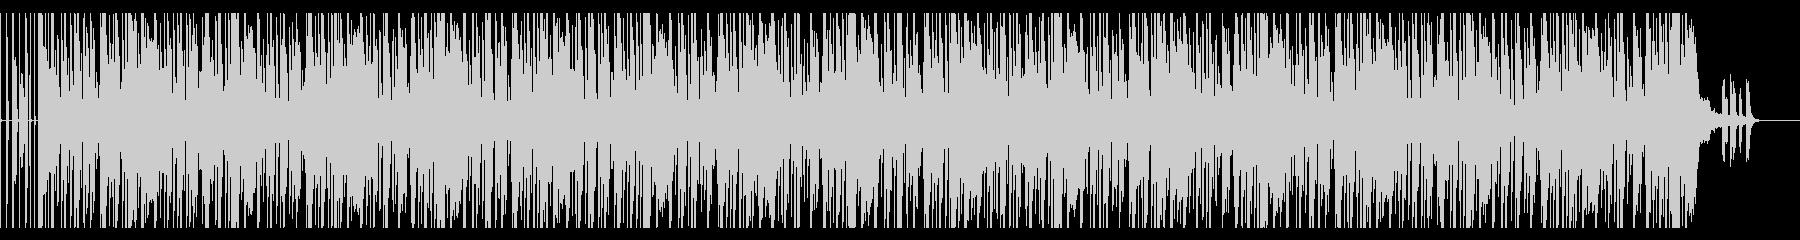 【短いVer6】70年代ファンクロック風の未再生の波形